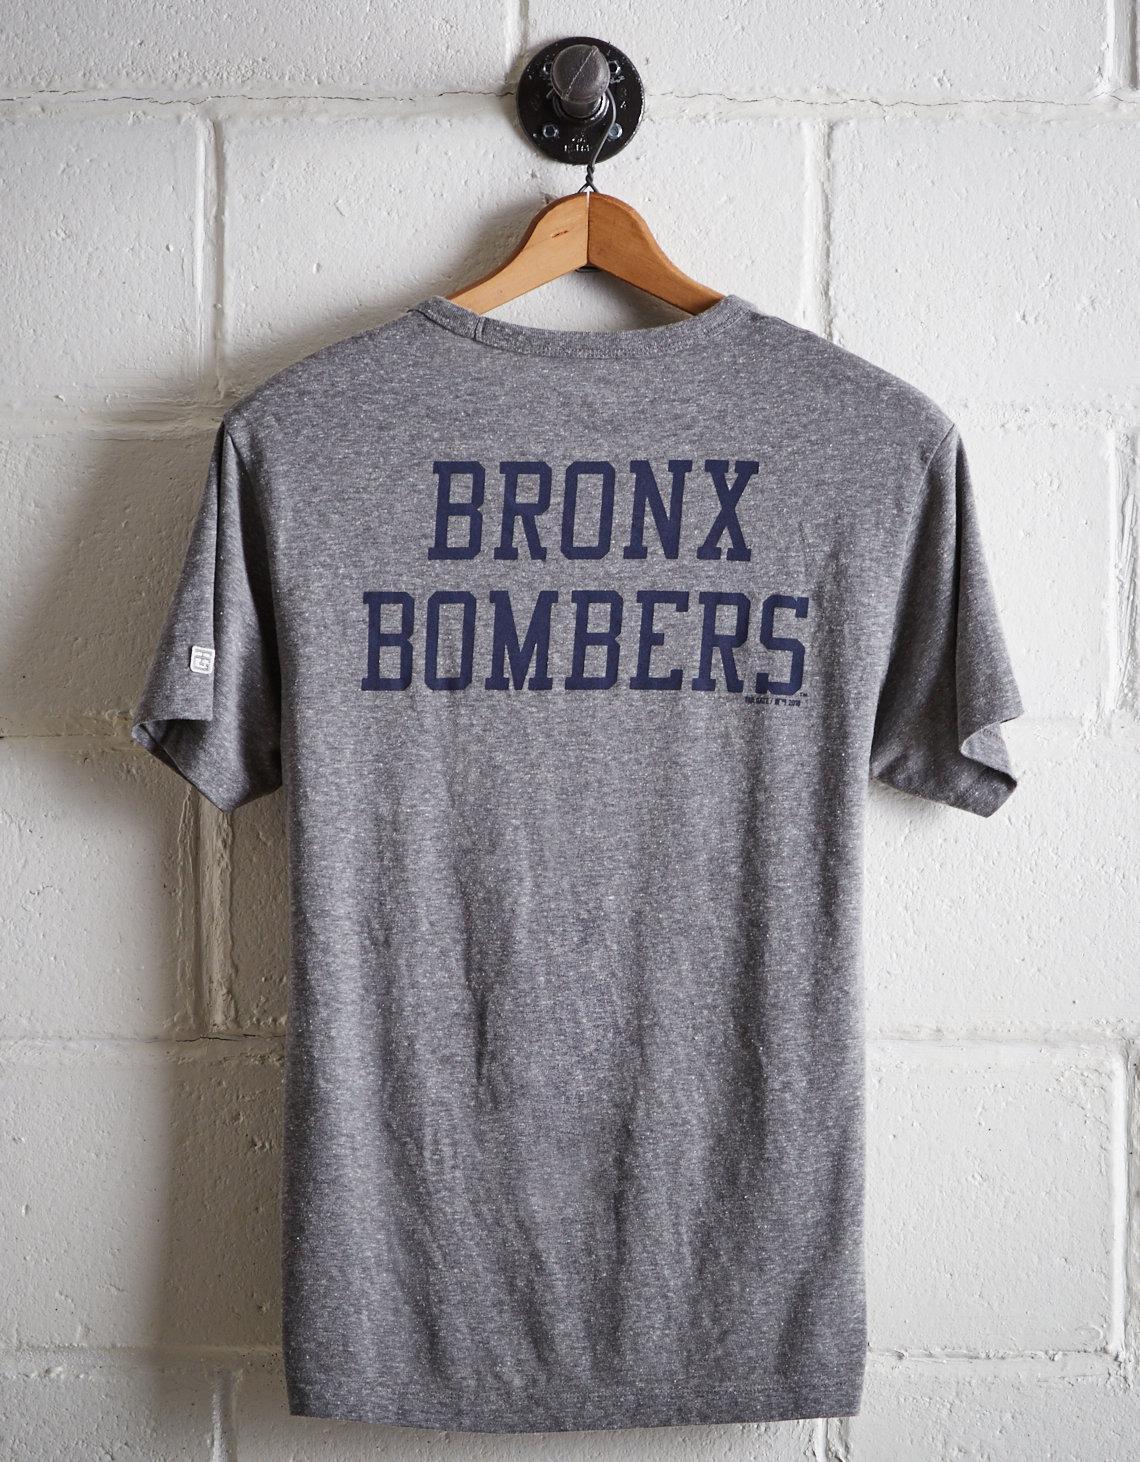 Lyst - Tailgate Men s New York Bronx Bombers T-shirt in Gray for Men 0fe345abc97